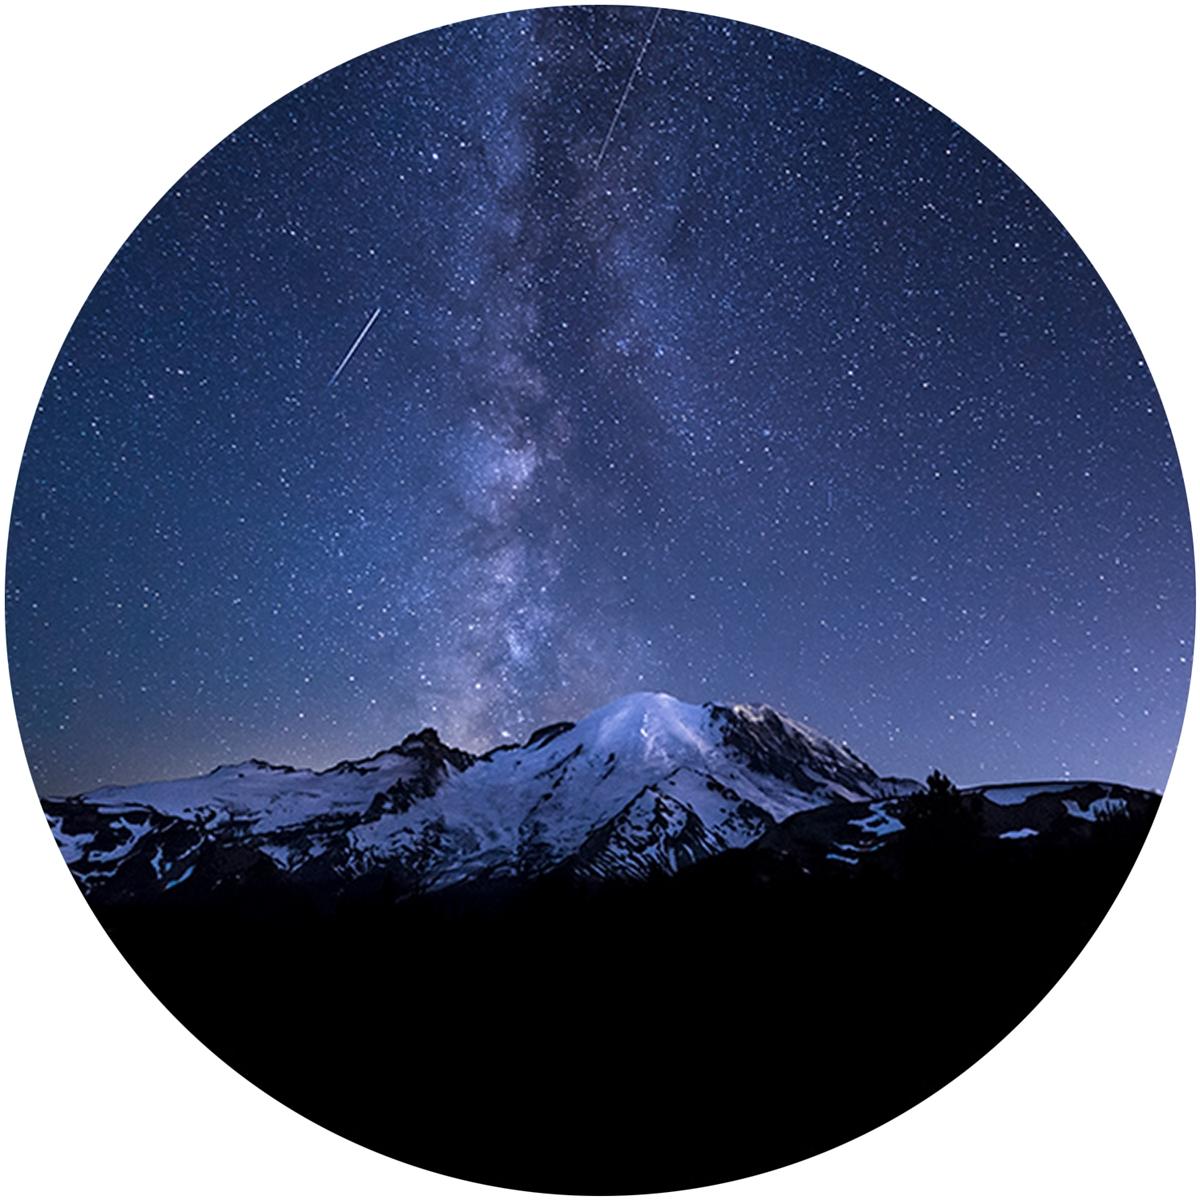 Shooting Stars over Mount Rainier Envelope Seal